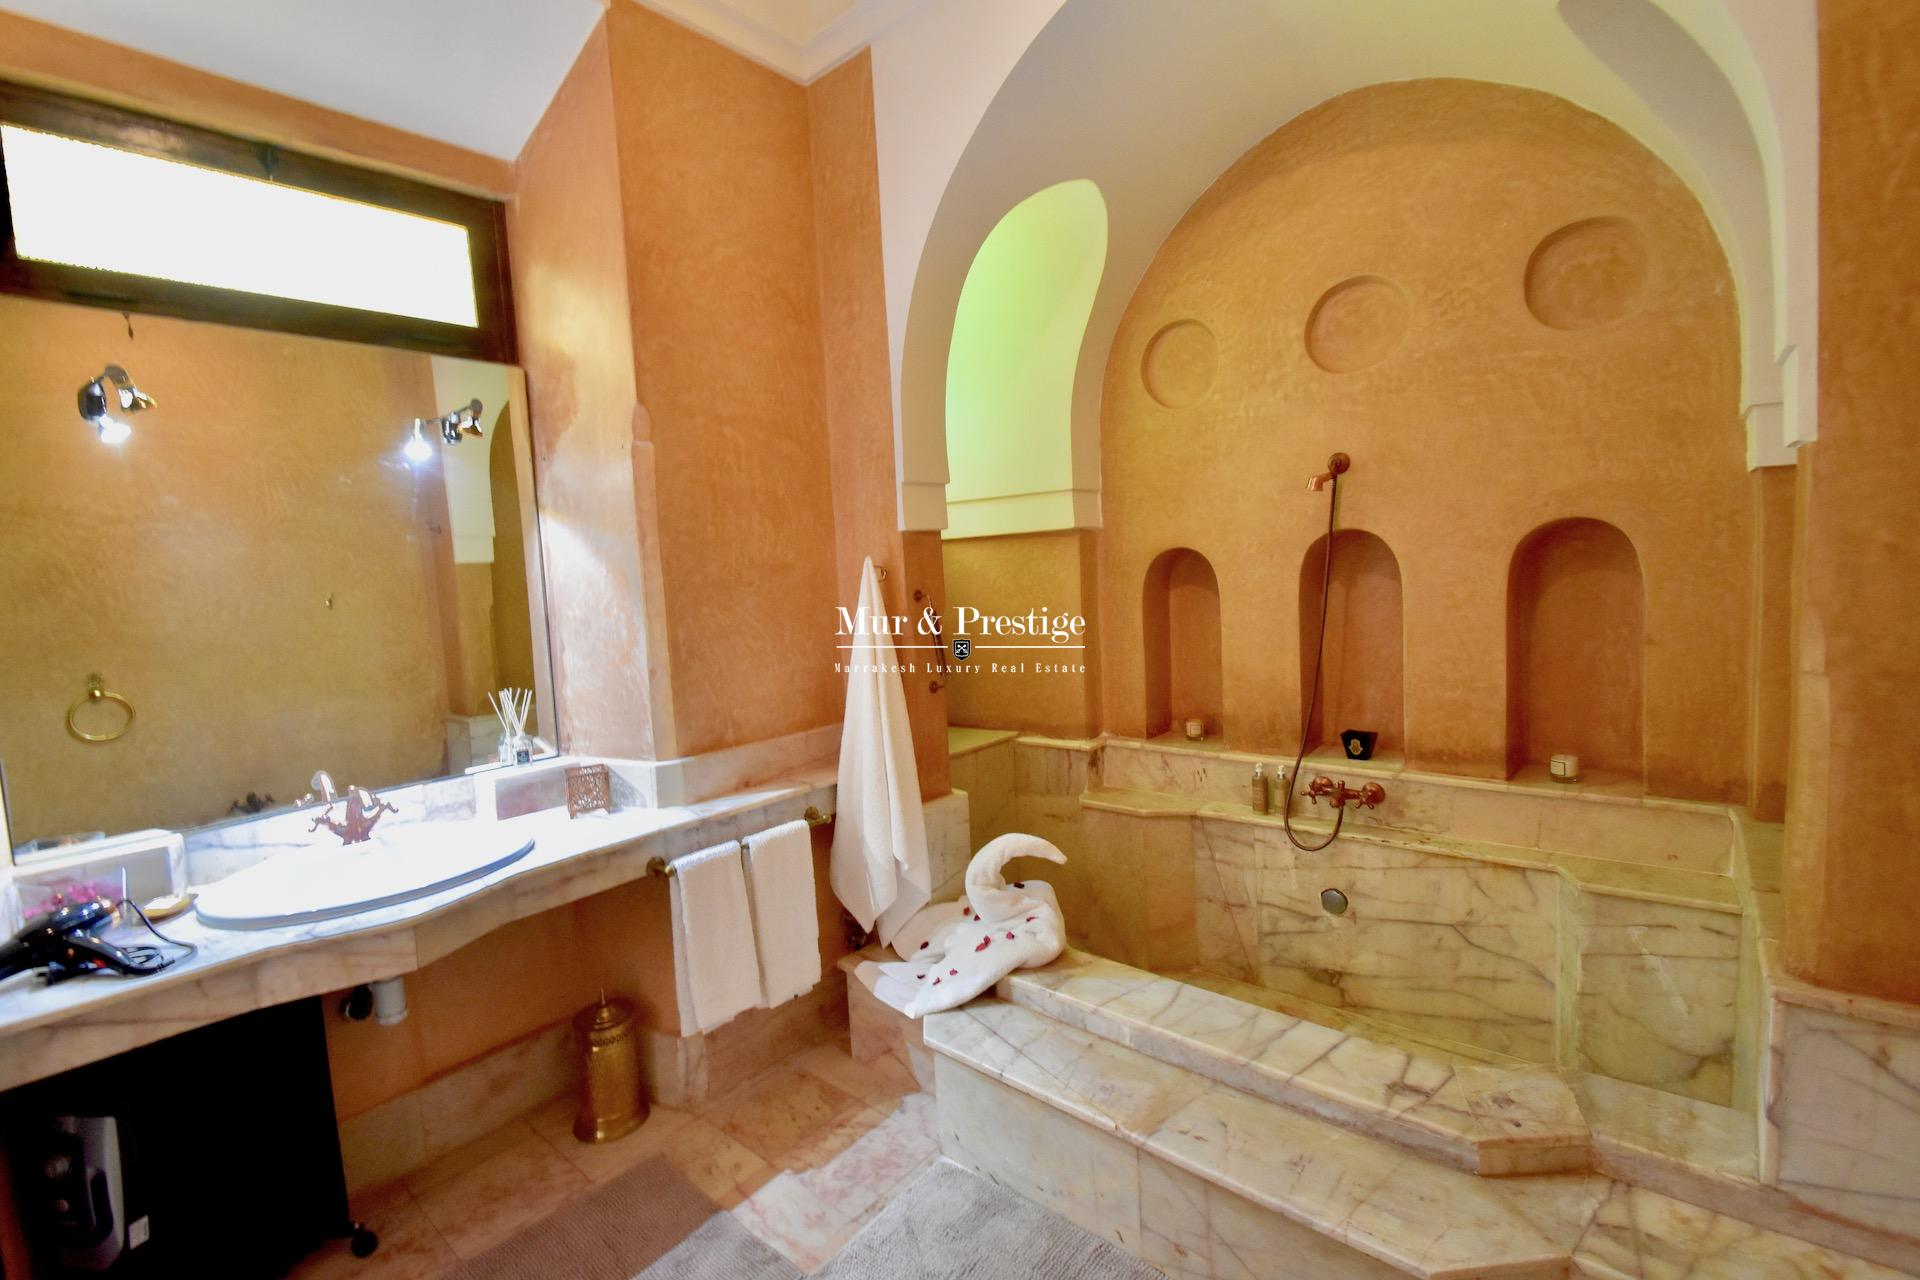 Maison à vendre Charles Boccara sur un hectare à Marrakech